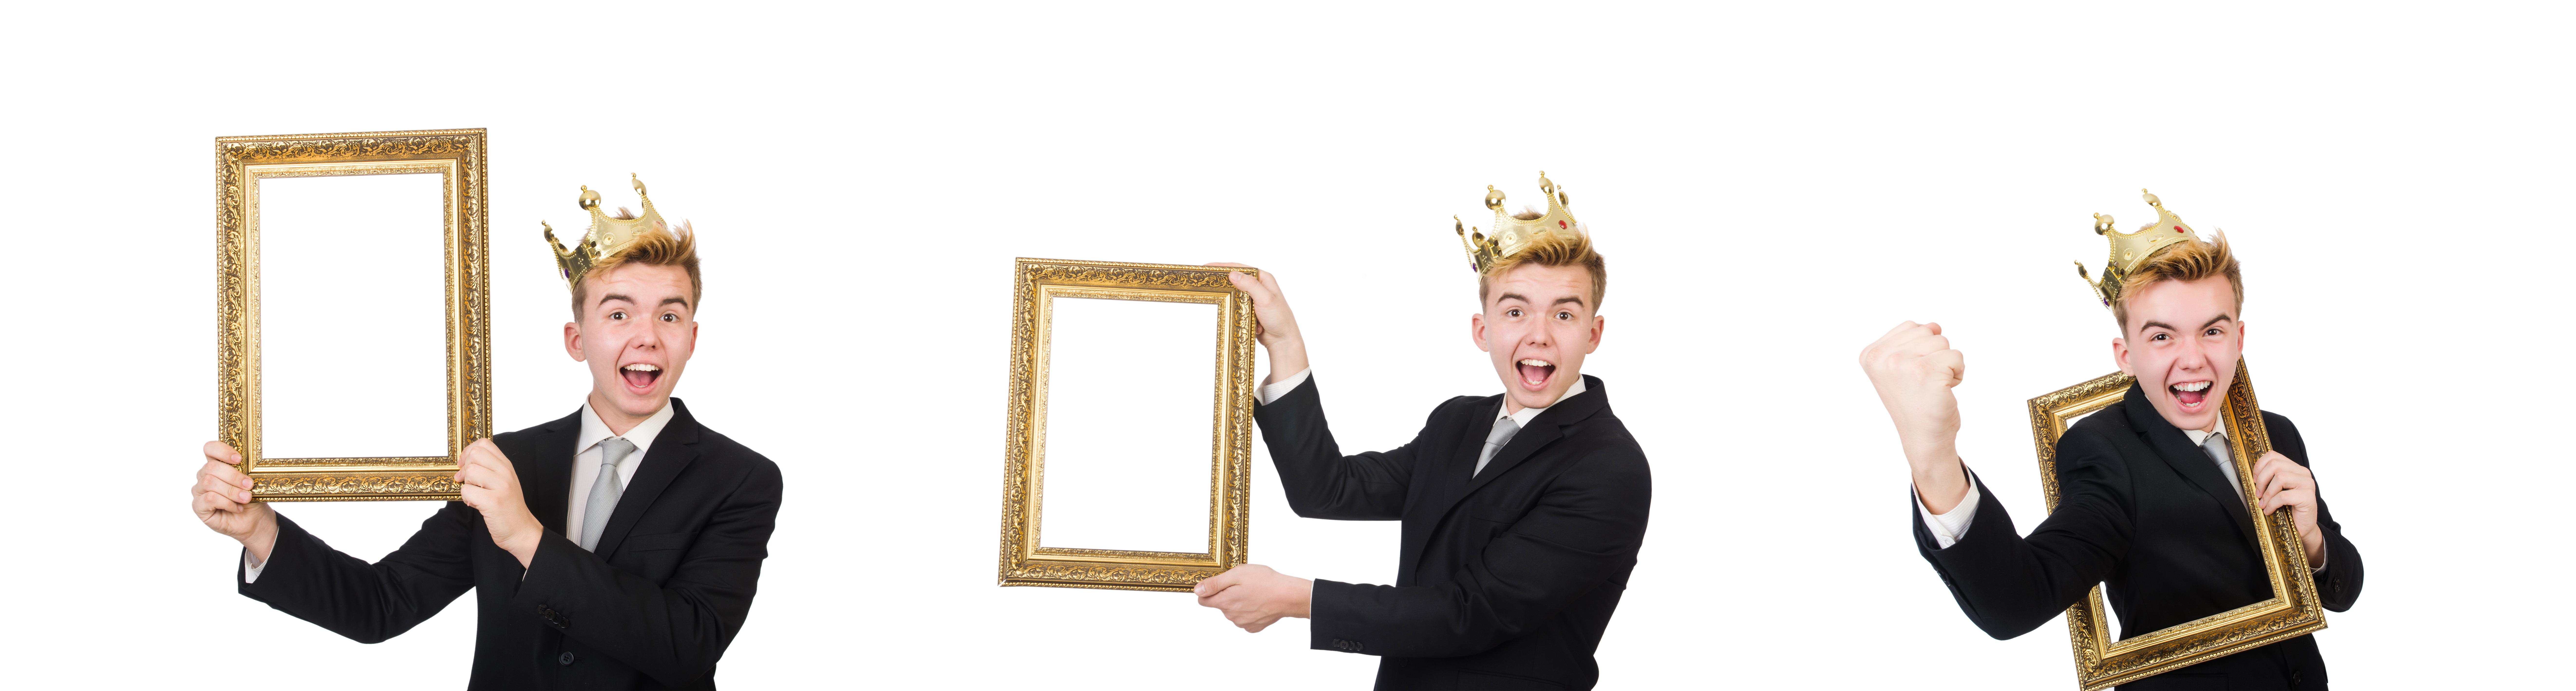 Oh, Framing!